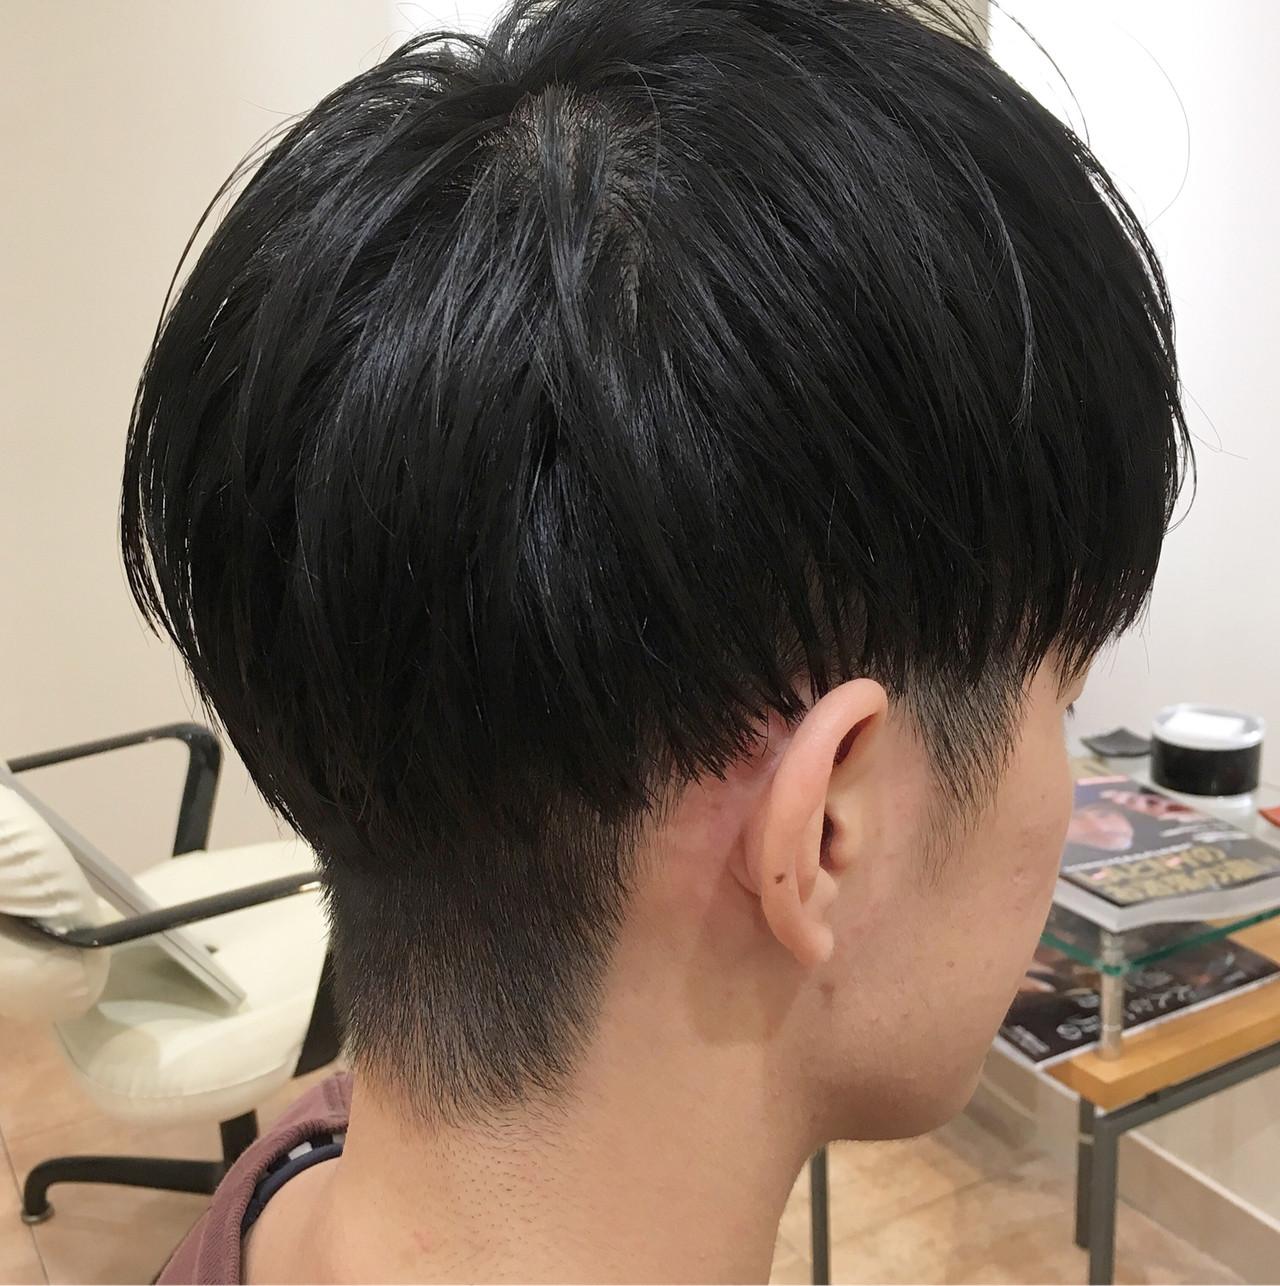 刈り上げ ツーブロック マッシュ ショート ヘアスタイルや髪型の写真・画像